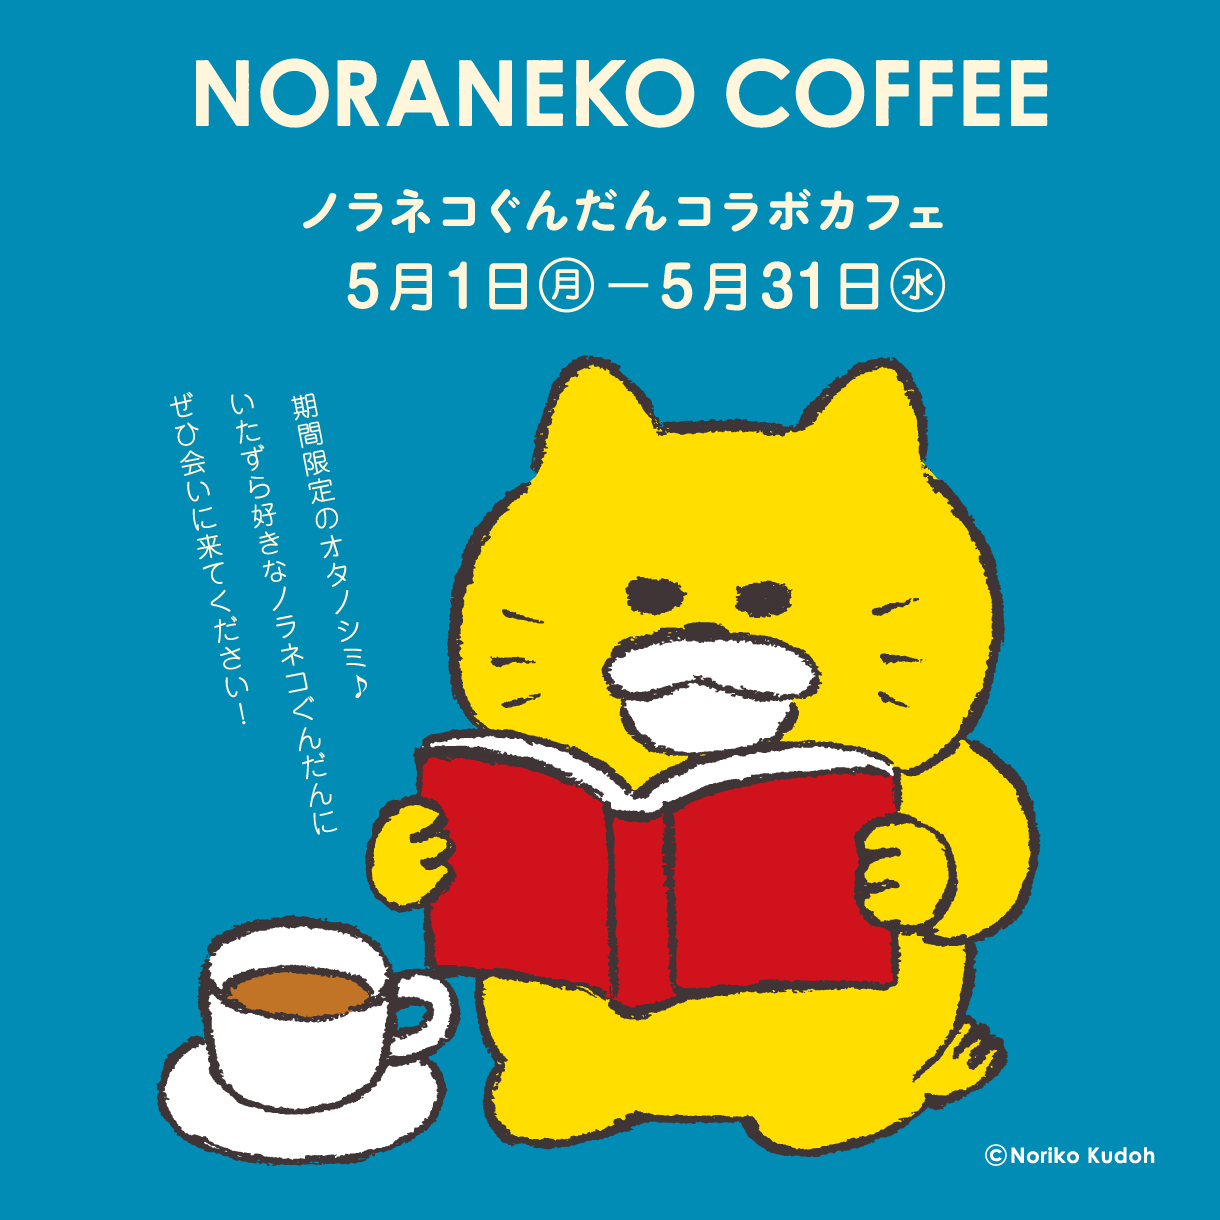 ノラネコぐんだん コラボカフェ「NORANEKO COFFEE」